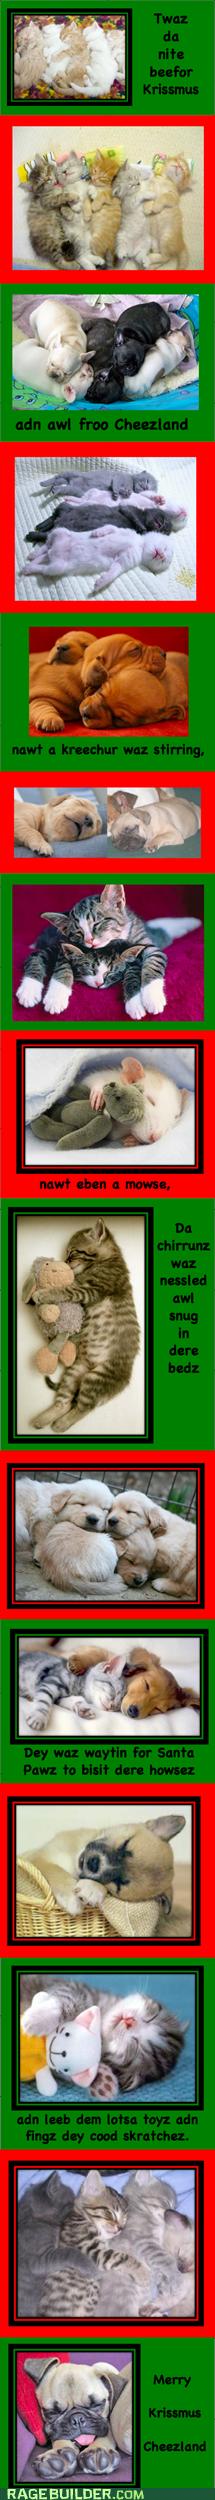 Merry Krissmus Cheezland